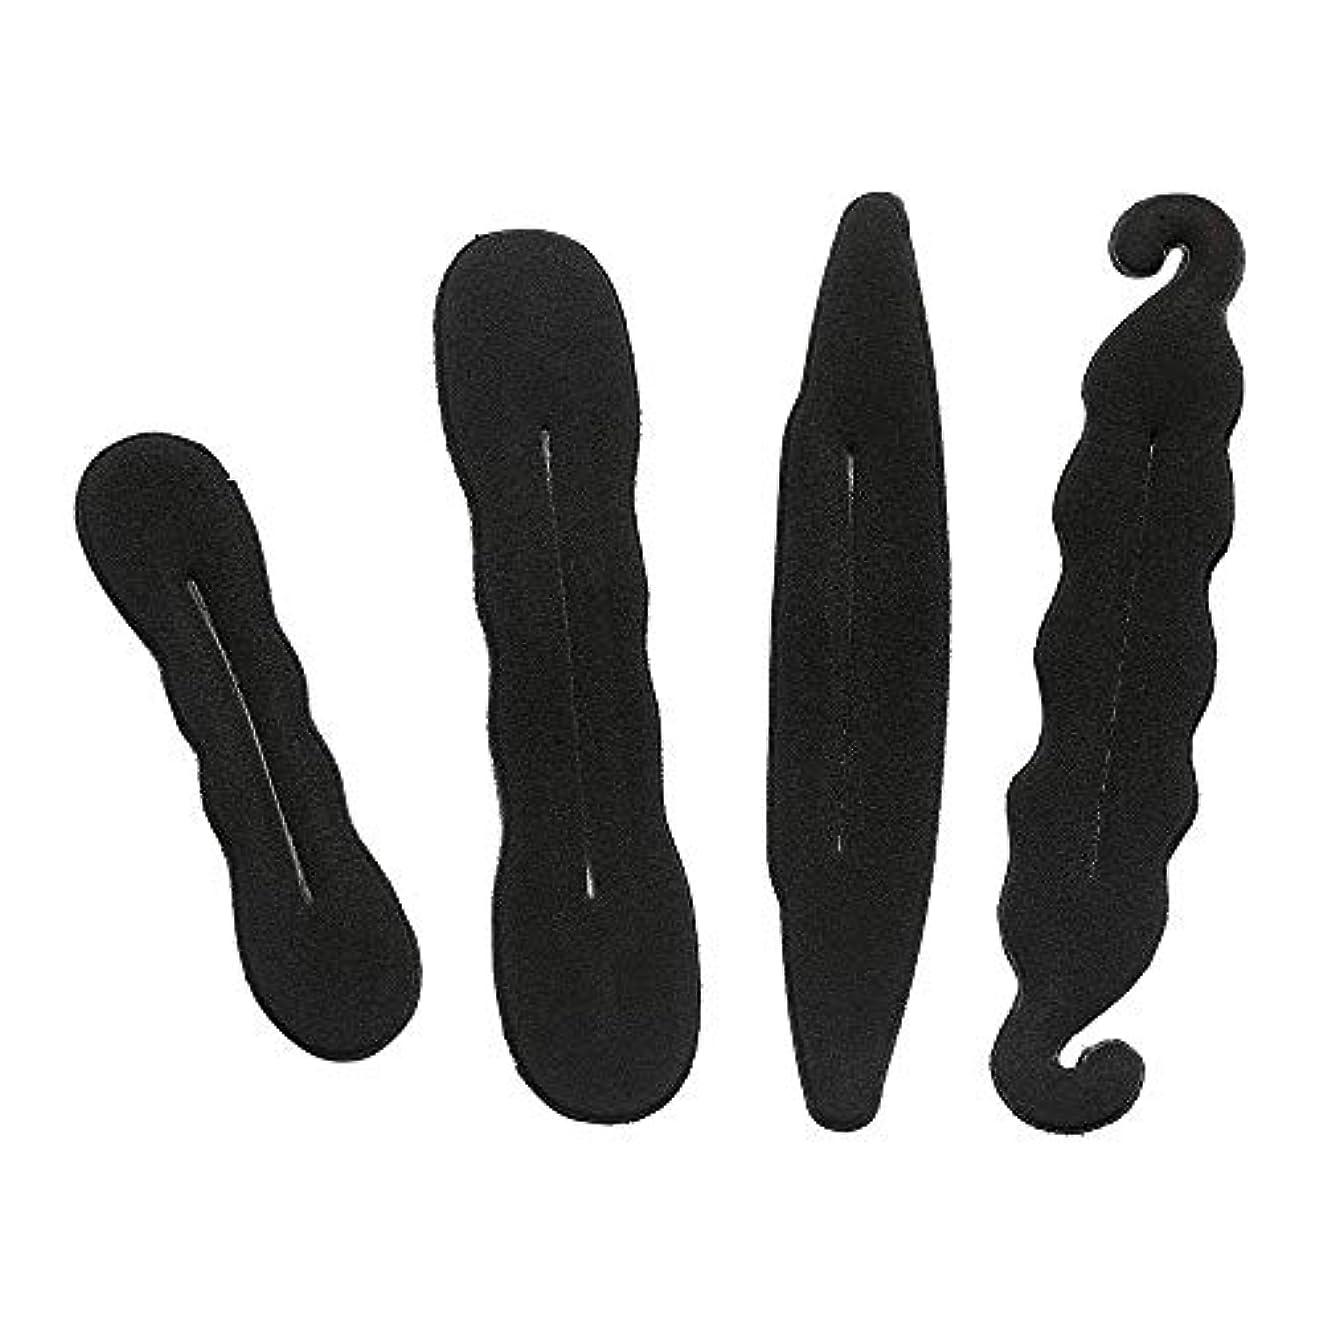 の前で中央アルミニウム4個入りお団子ヘアメーカー 長い髪向けヘアアレンジクッション ブラックお団子グッズ お団子スポンジ